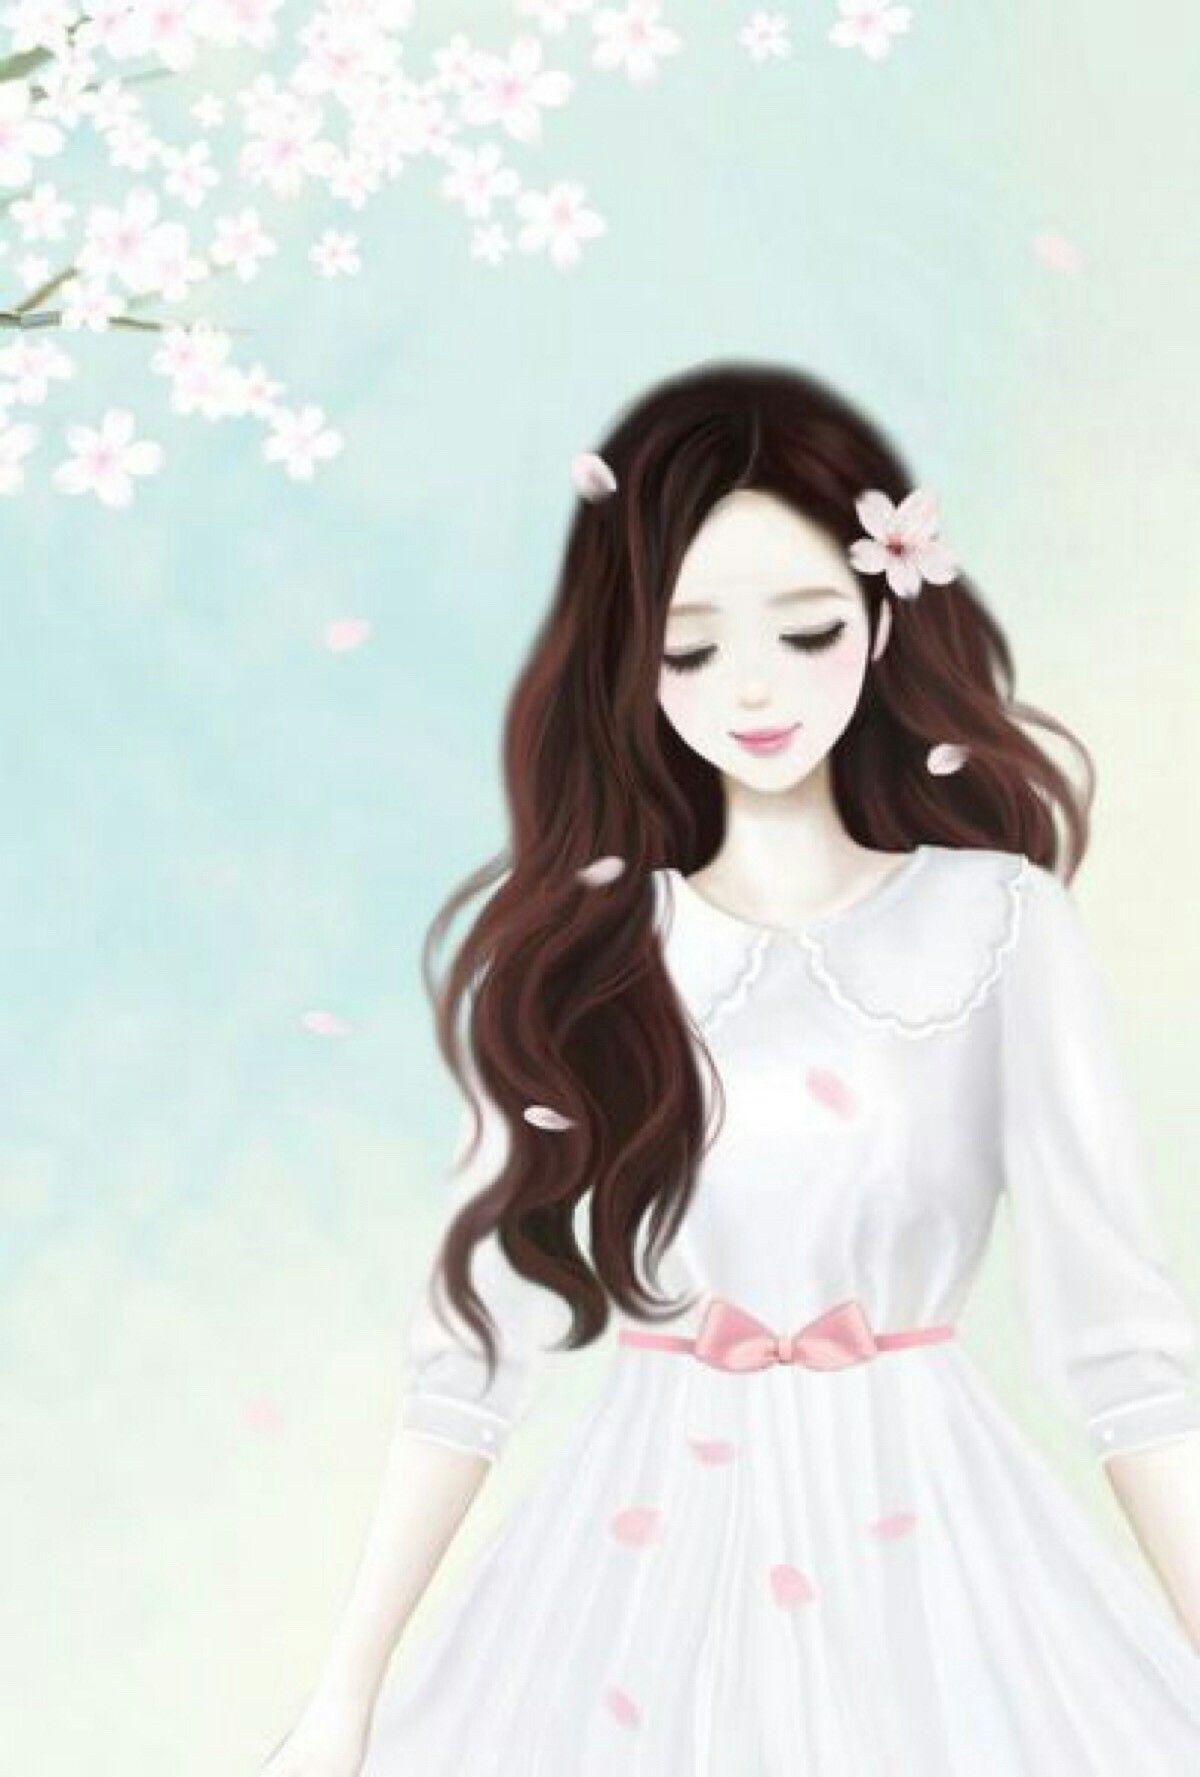 Pin oleh Yu Lan di Cartoon di 2019 Anime gadis cantik